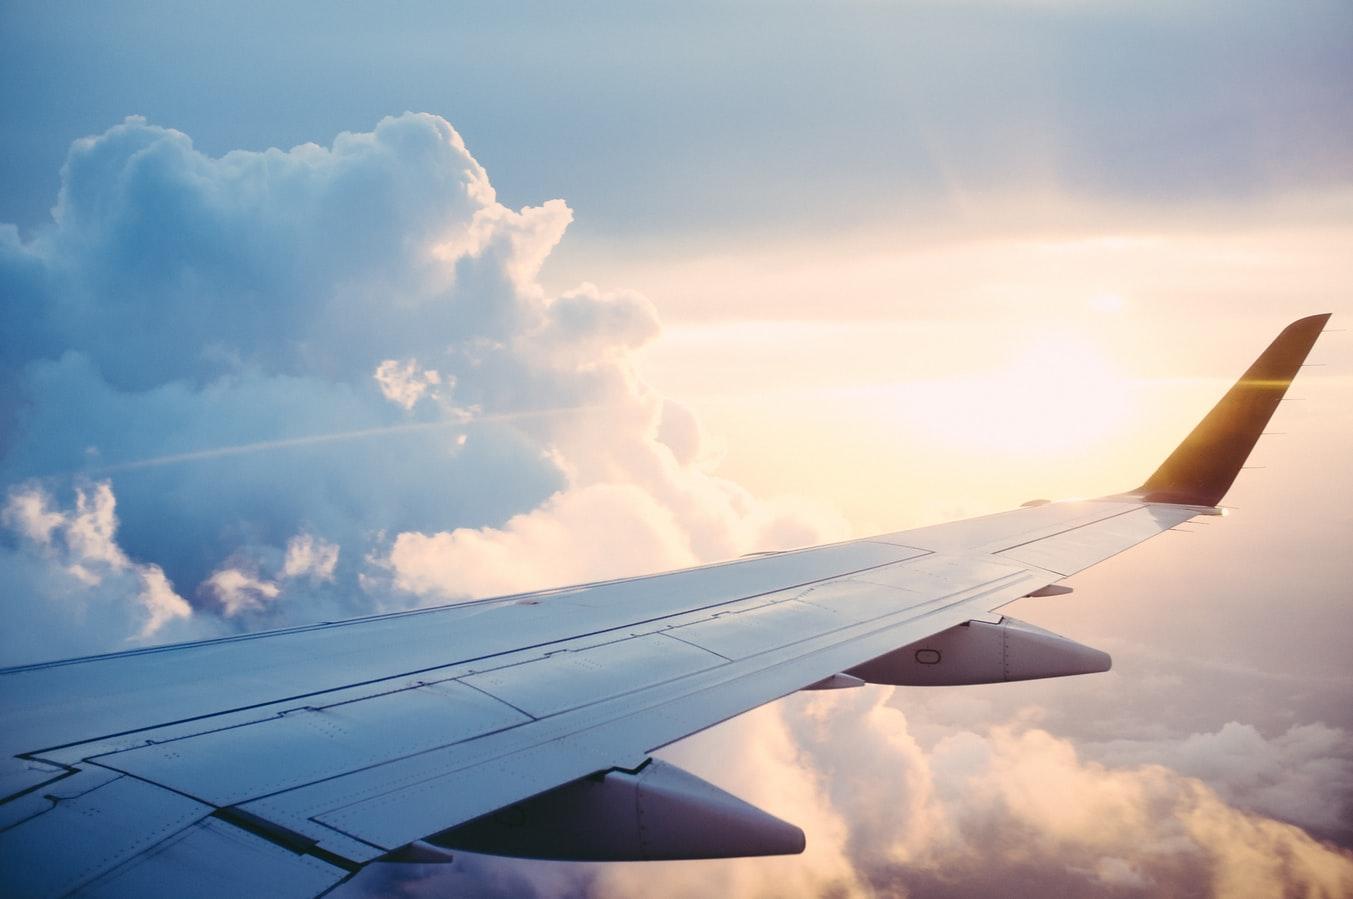 ala-avión-volar-barato